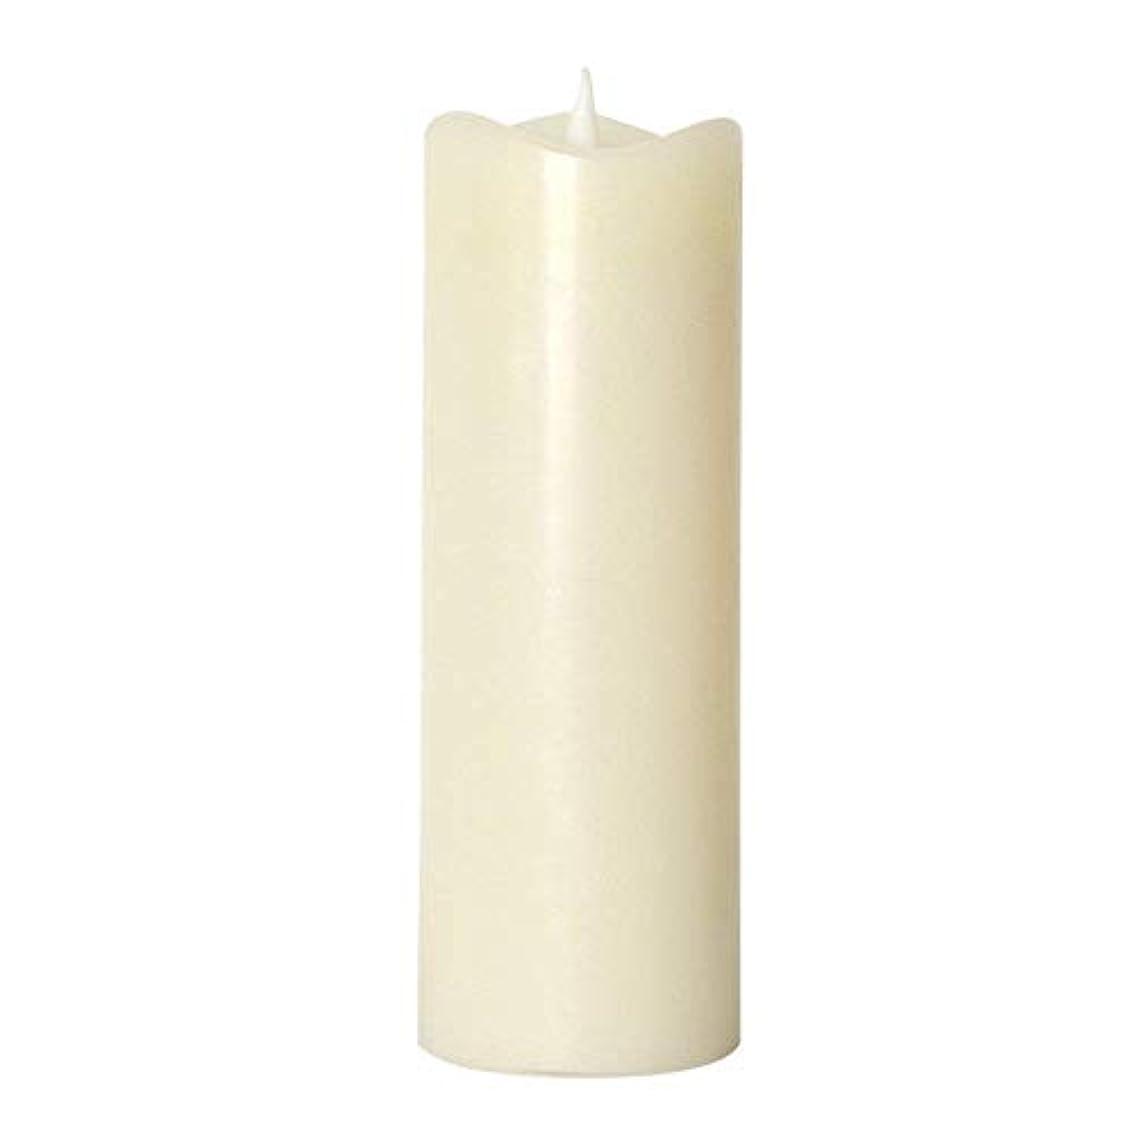 規則性忠誠勇気LEDスマートキャンドル SMART Flame(スマートフレイム) ピラーキャンドル LL(リモコ